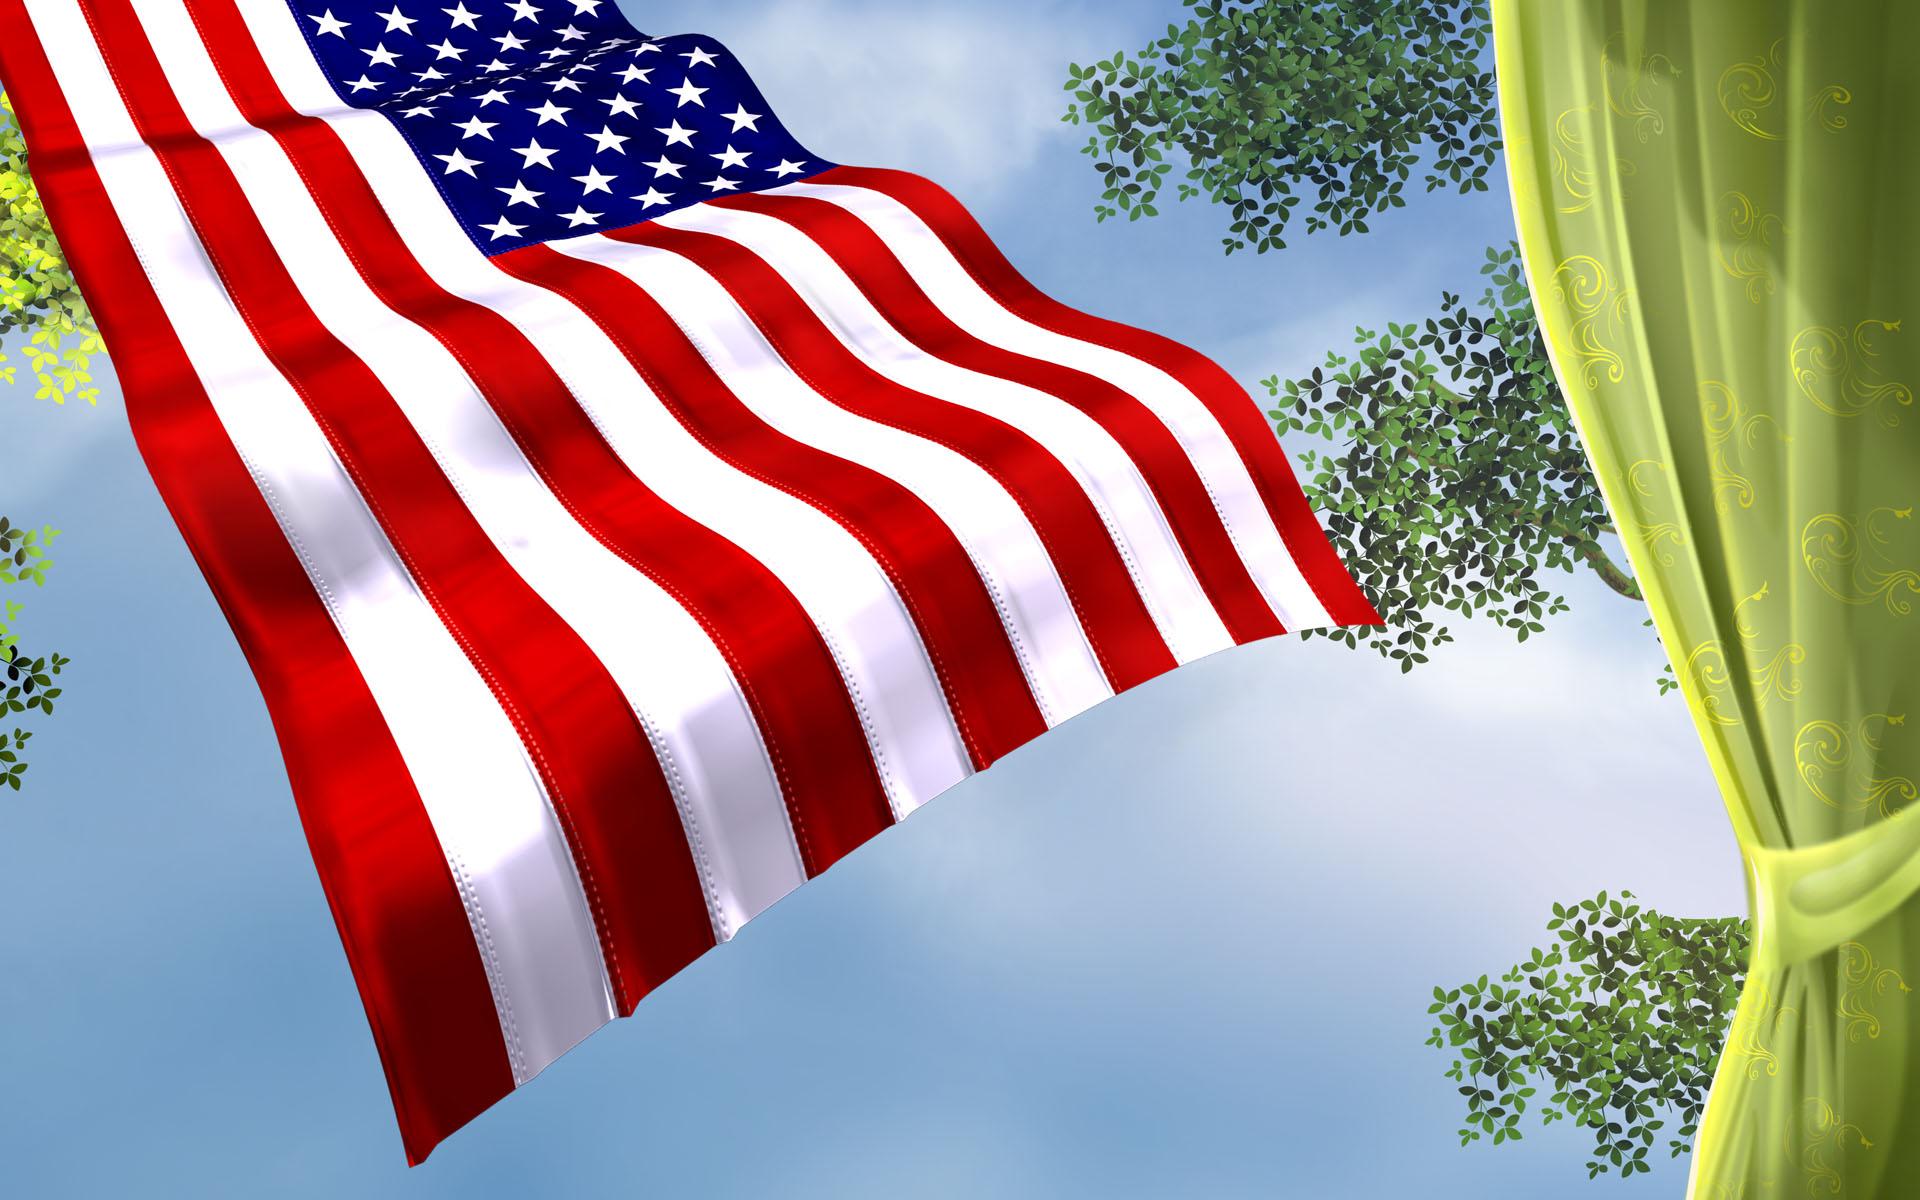 обои для рабочего стола развивающиеся флаг № 620475  скачать